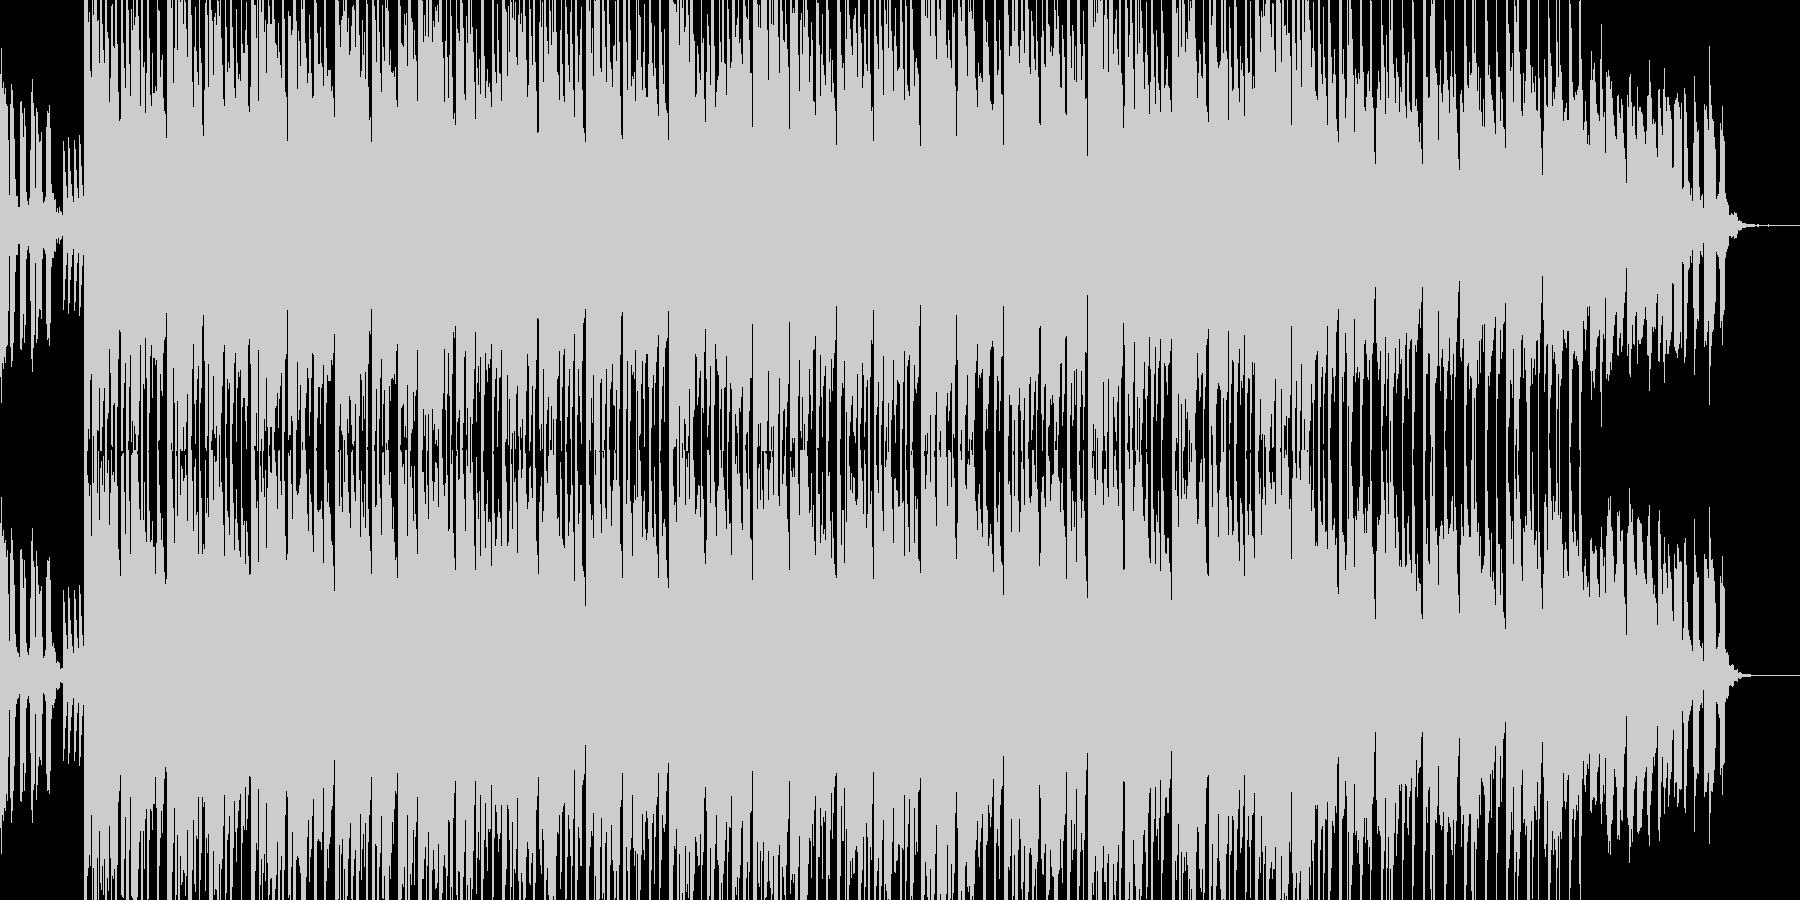 ジングルっぽい楽曲ですの未再生の波形